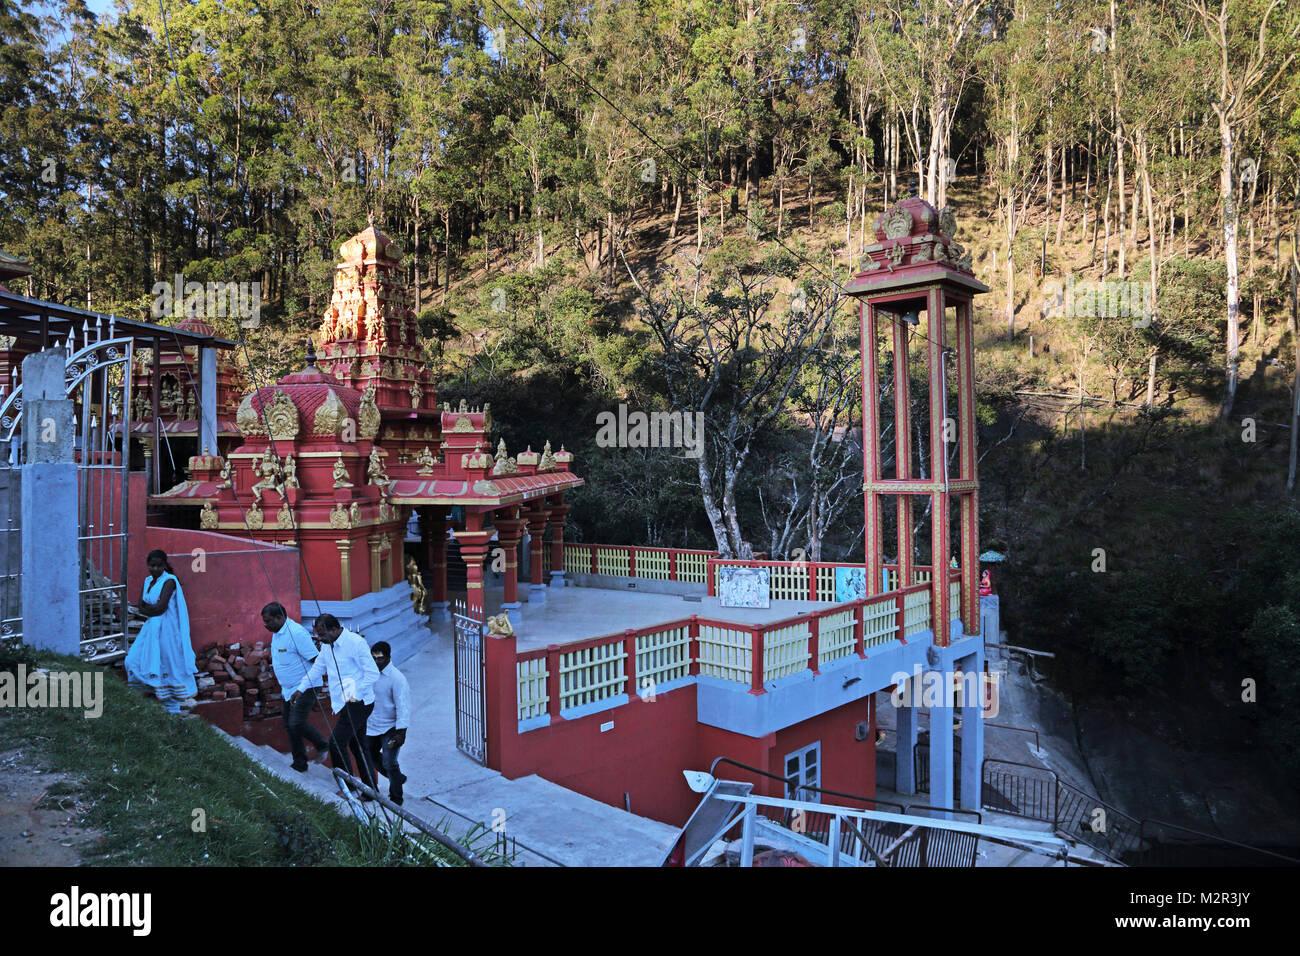 Sita Amman Tempio Seetha Eliya centrale Provincia dello Sri Lanka ha detto di essere il luogo dove Ravana detenute Immagini Stock